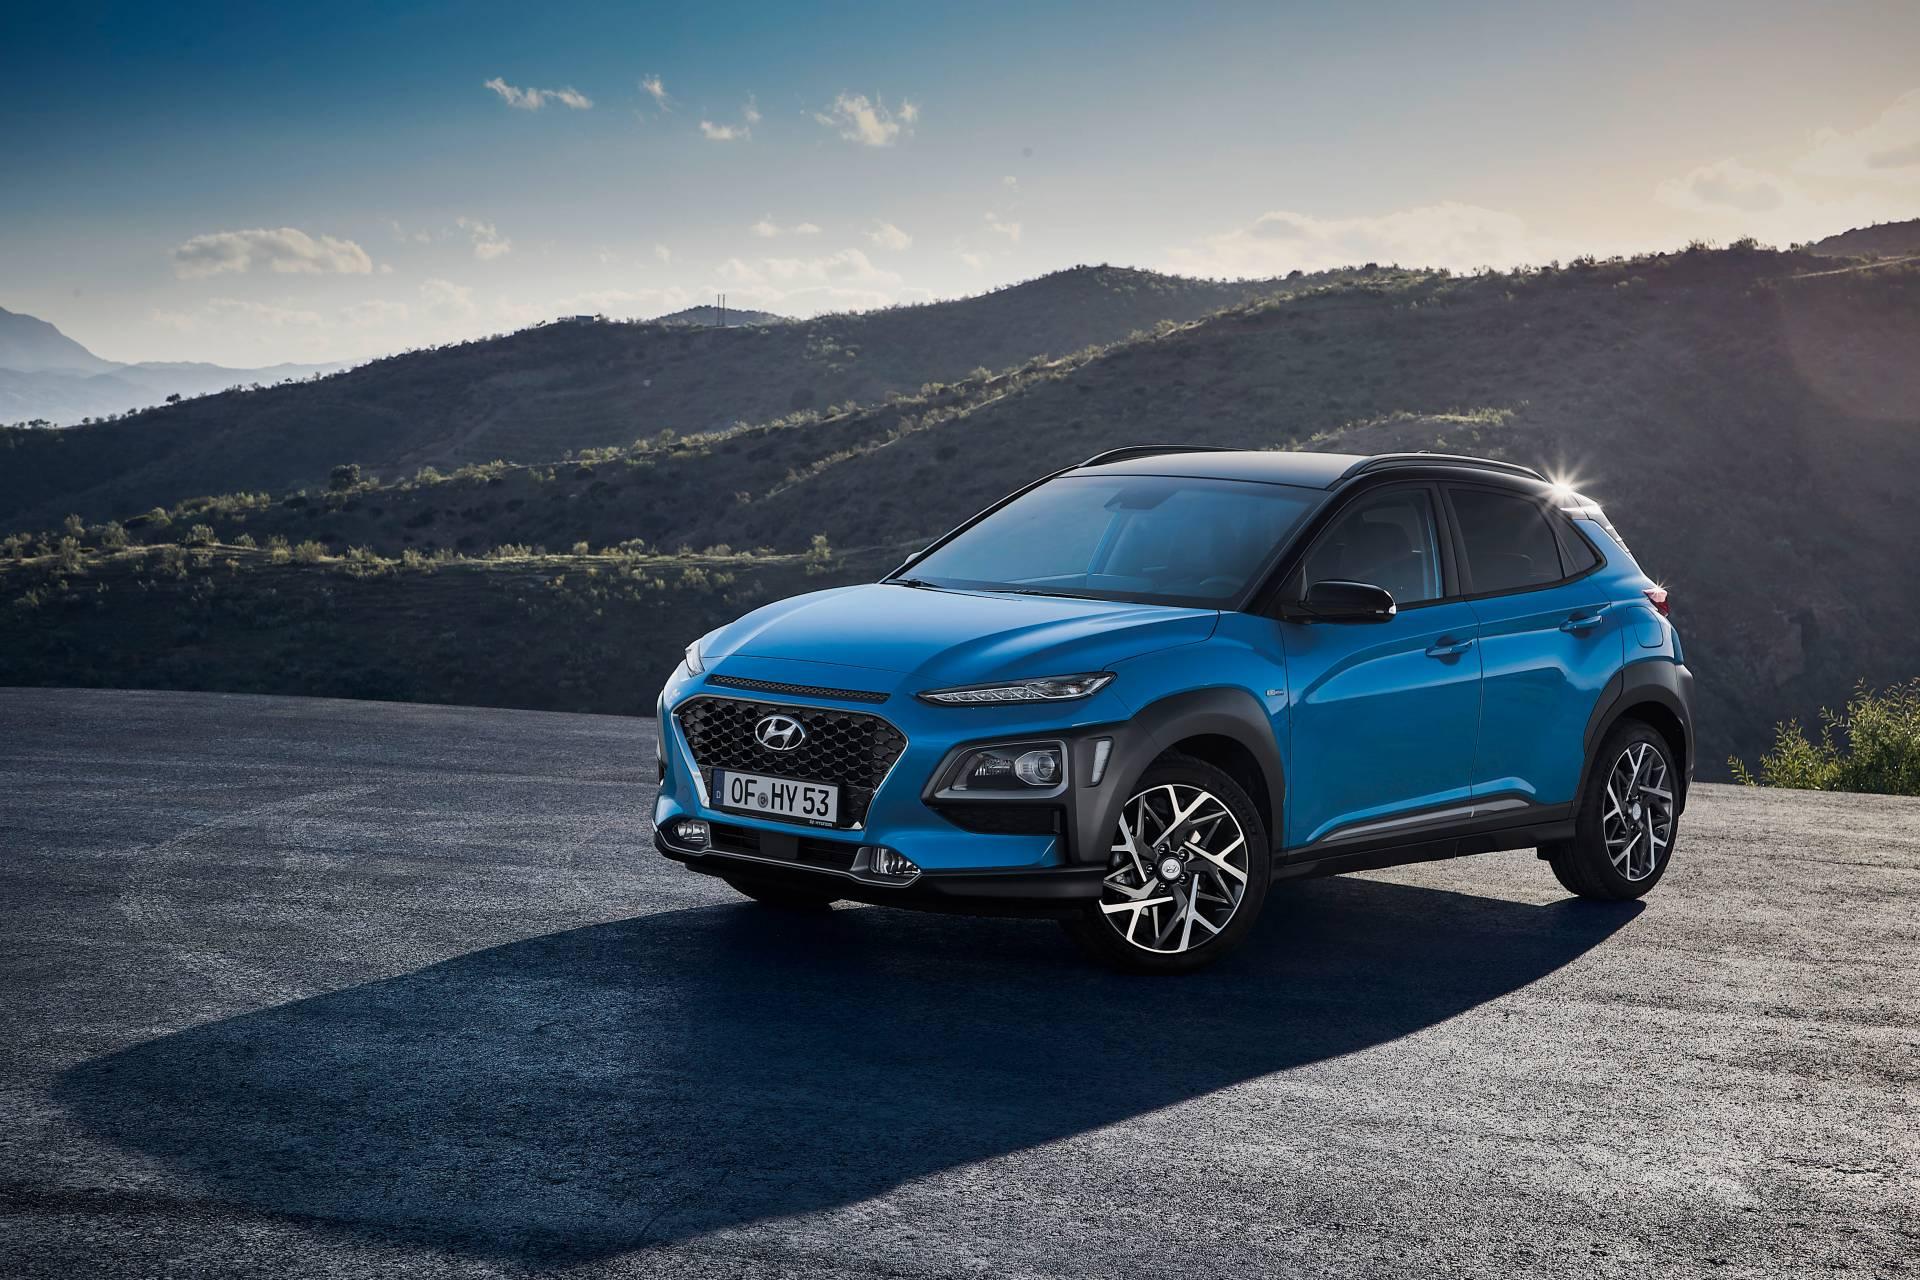 Hyundai lộ diện Kona phiên bản Hybrid tại thị trường Châu Âu - 08